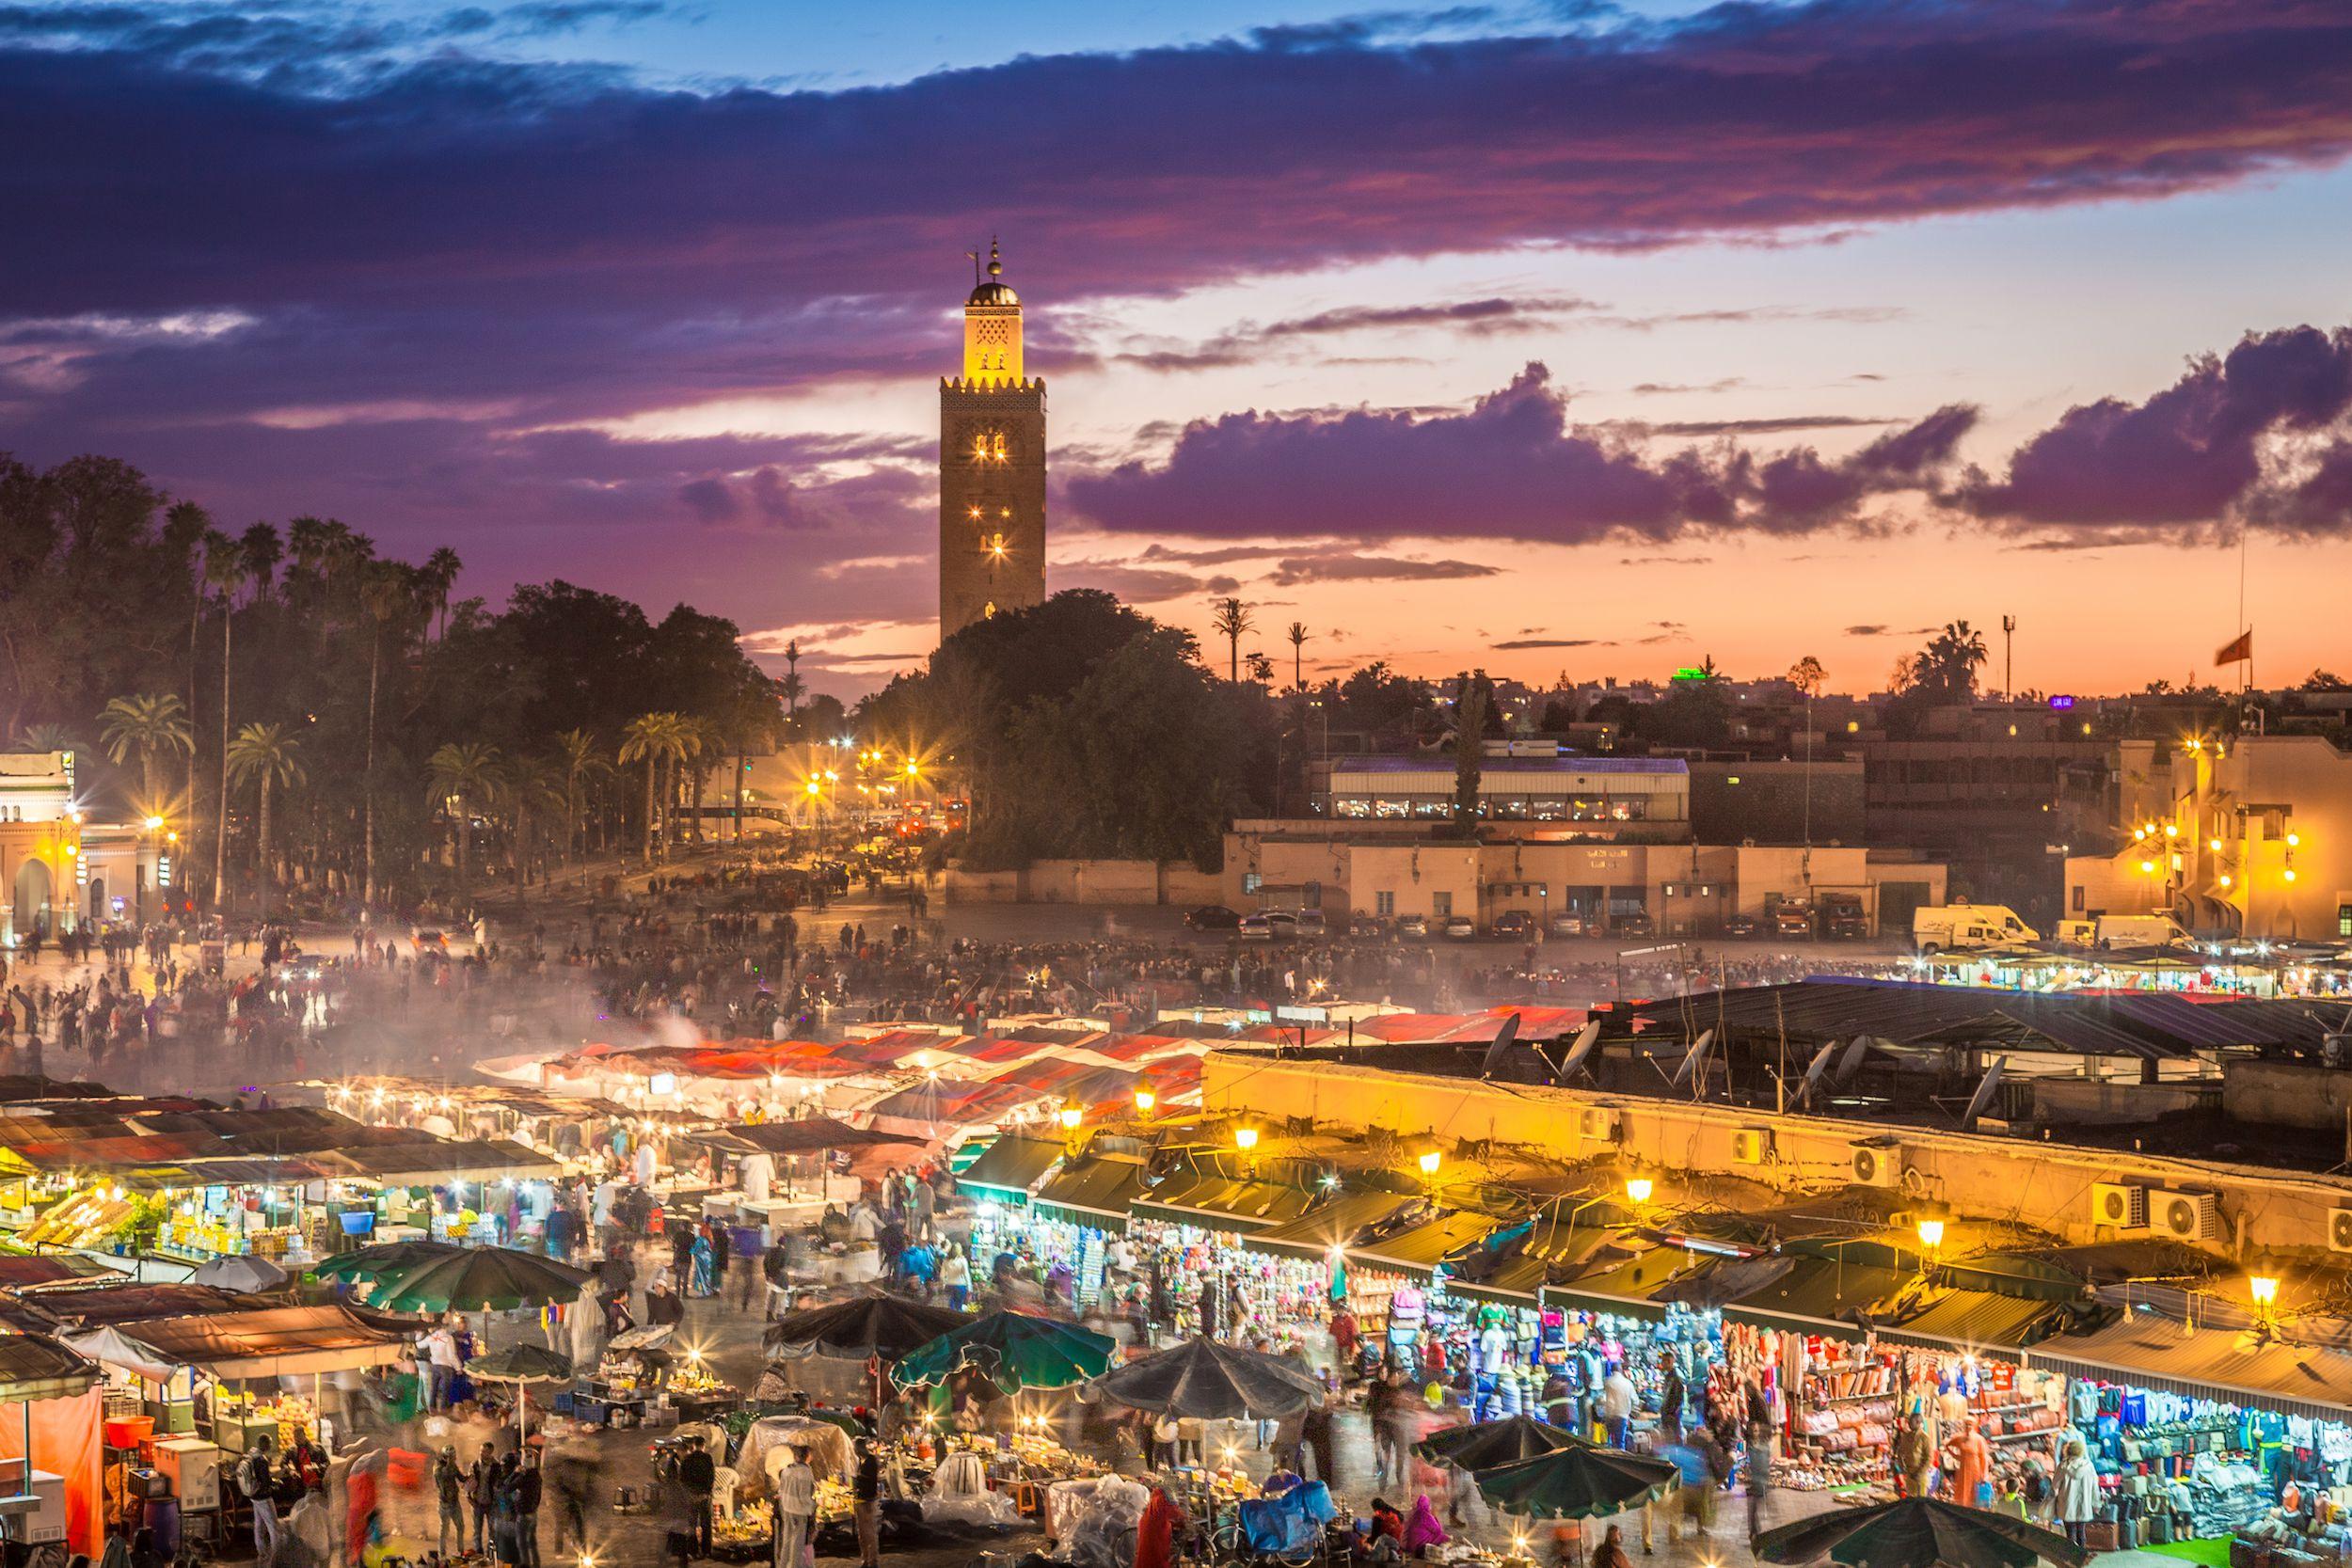 El Djemaa El Fna en Marrakech